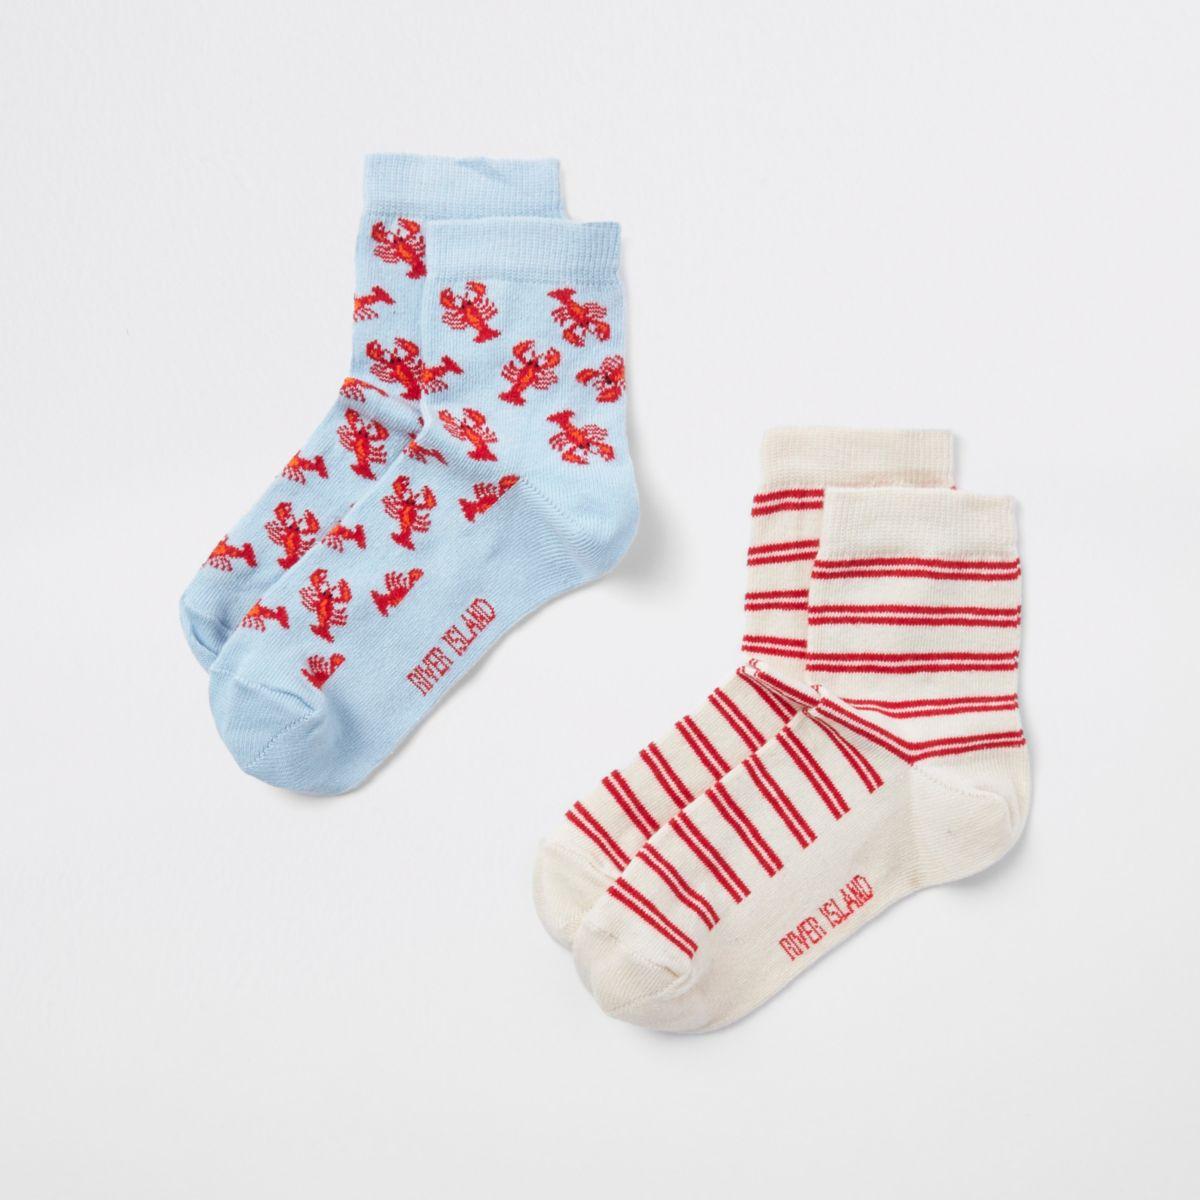 Boys lobster print novelty socks multipack